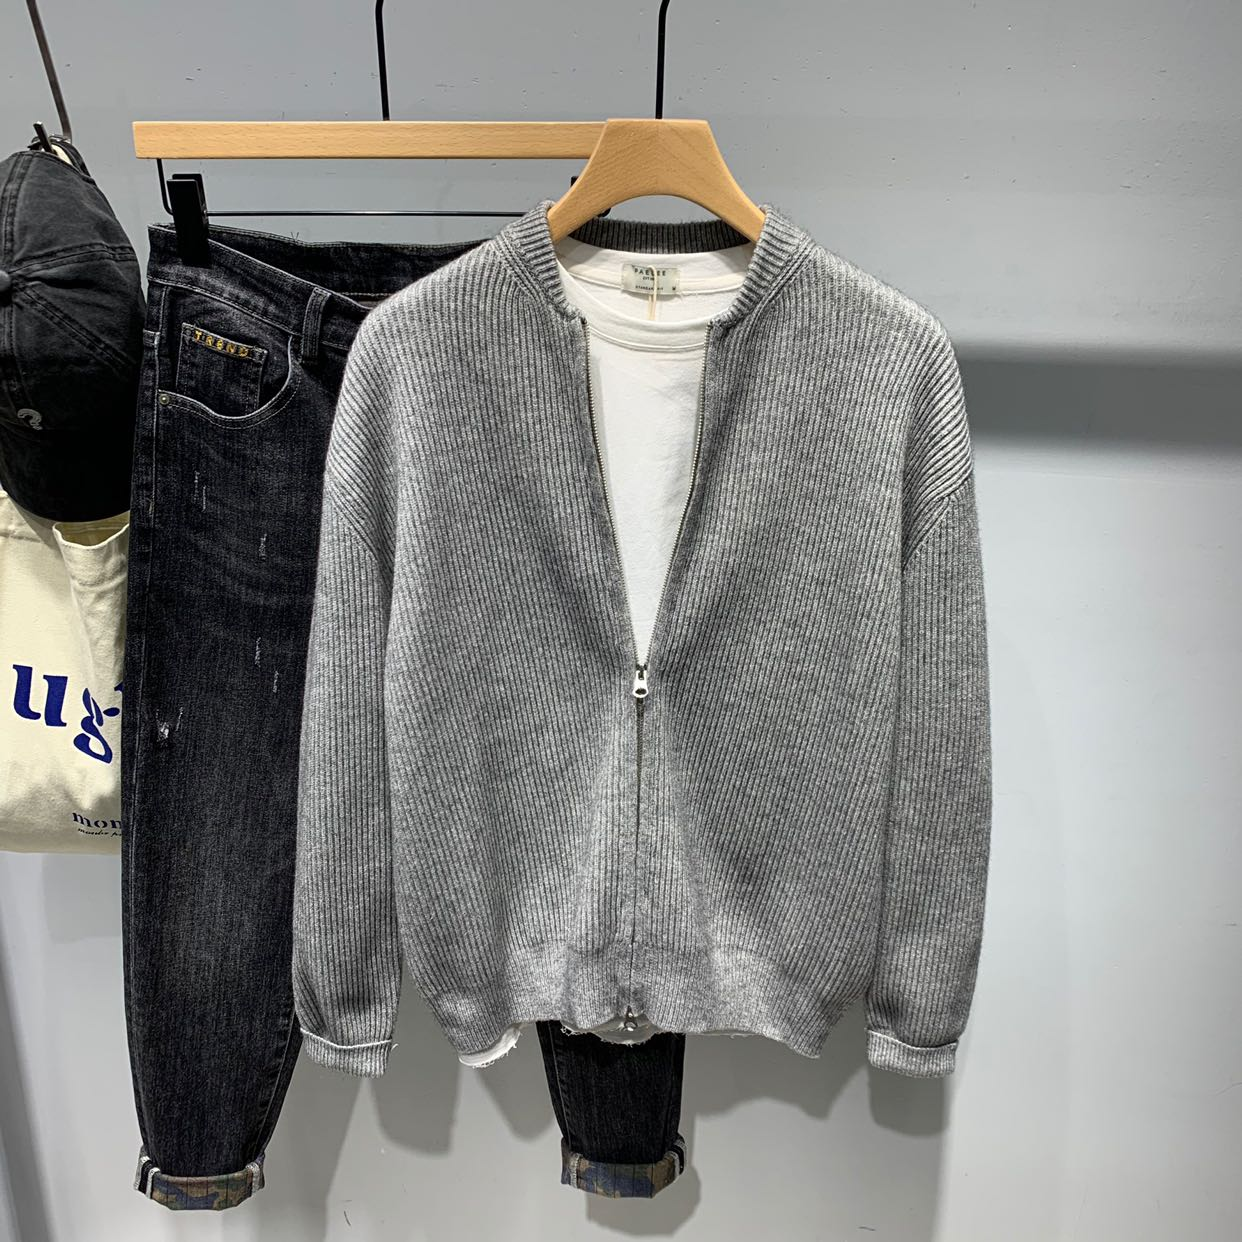 针织夹克 2021春季新款男士纯色休闲针织开衫夹克韩版棒球领潮流百搭外套男_推荐淘宝好看的男针织夹克